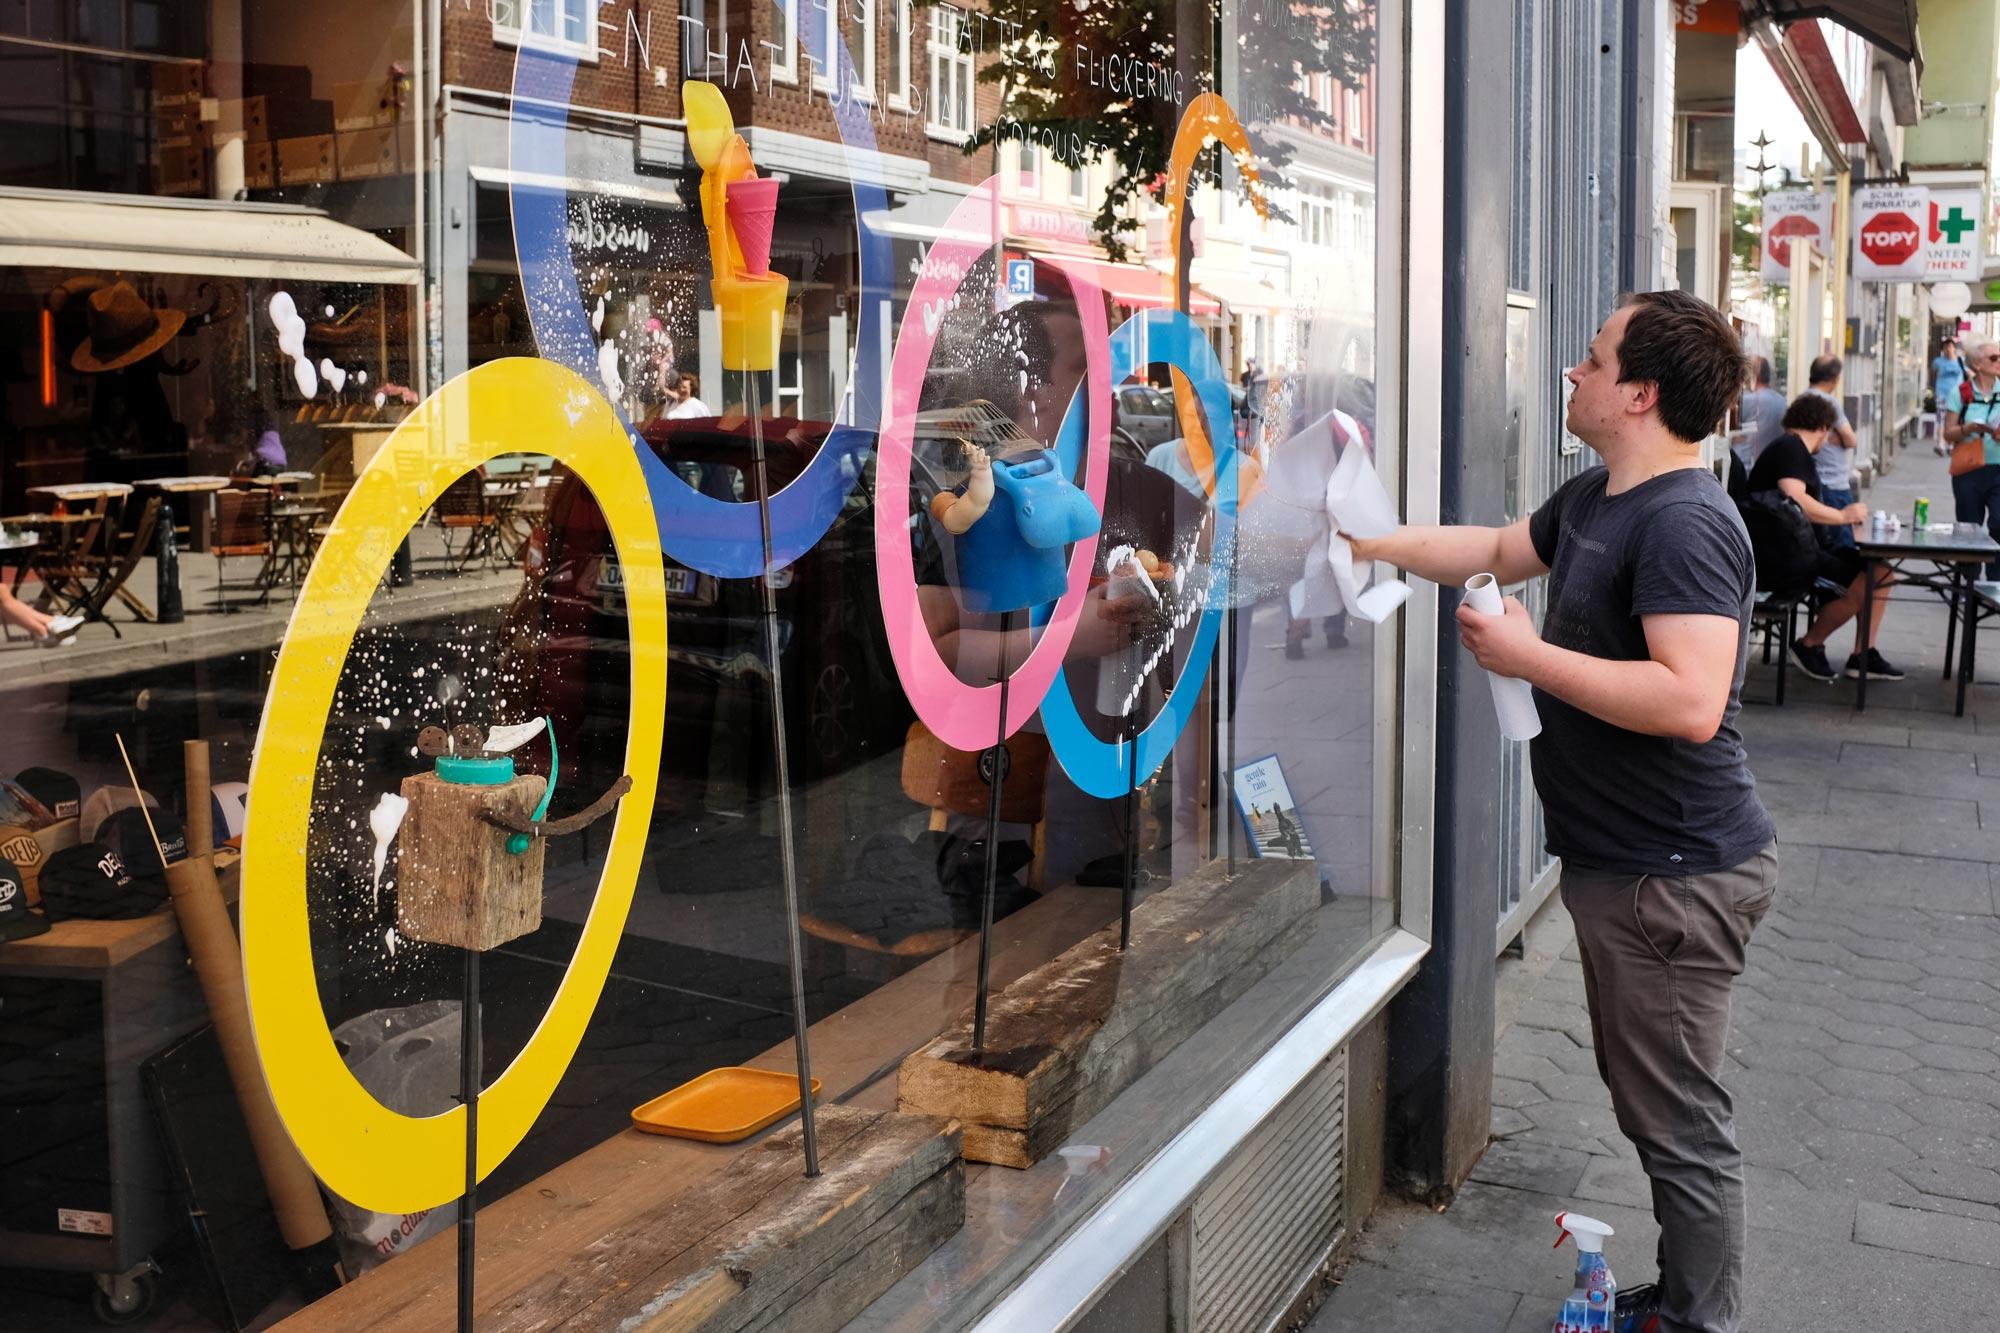 Artist Christian Wischnewski designs display